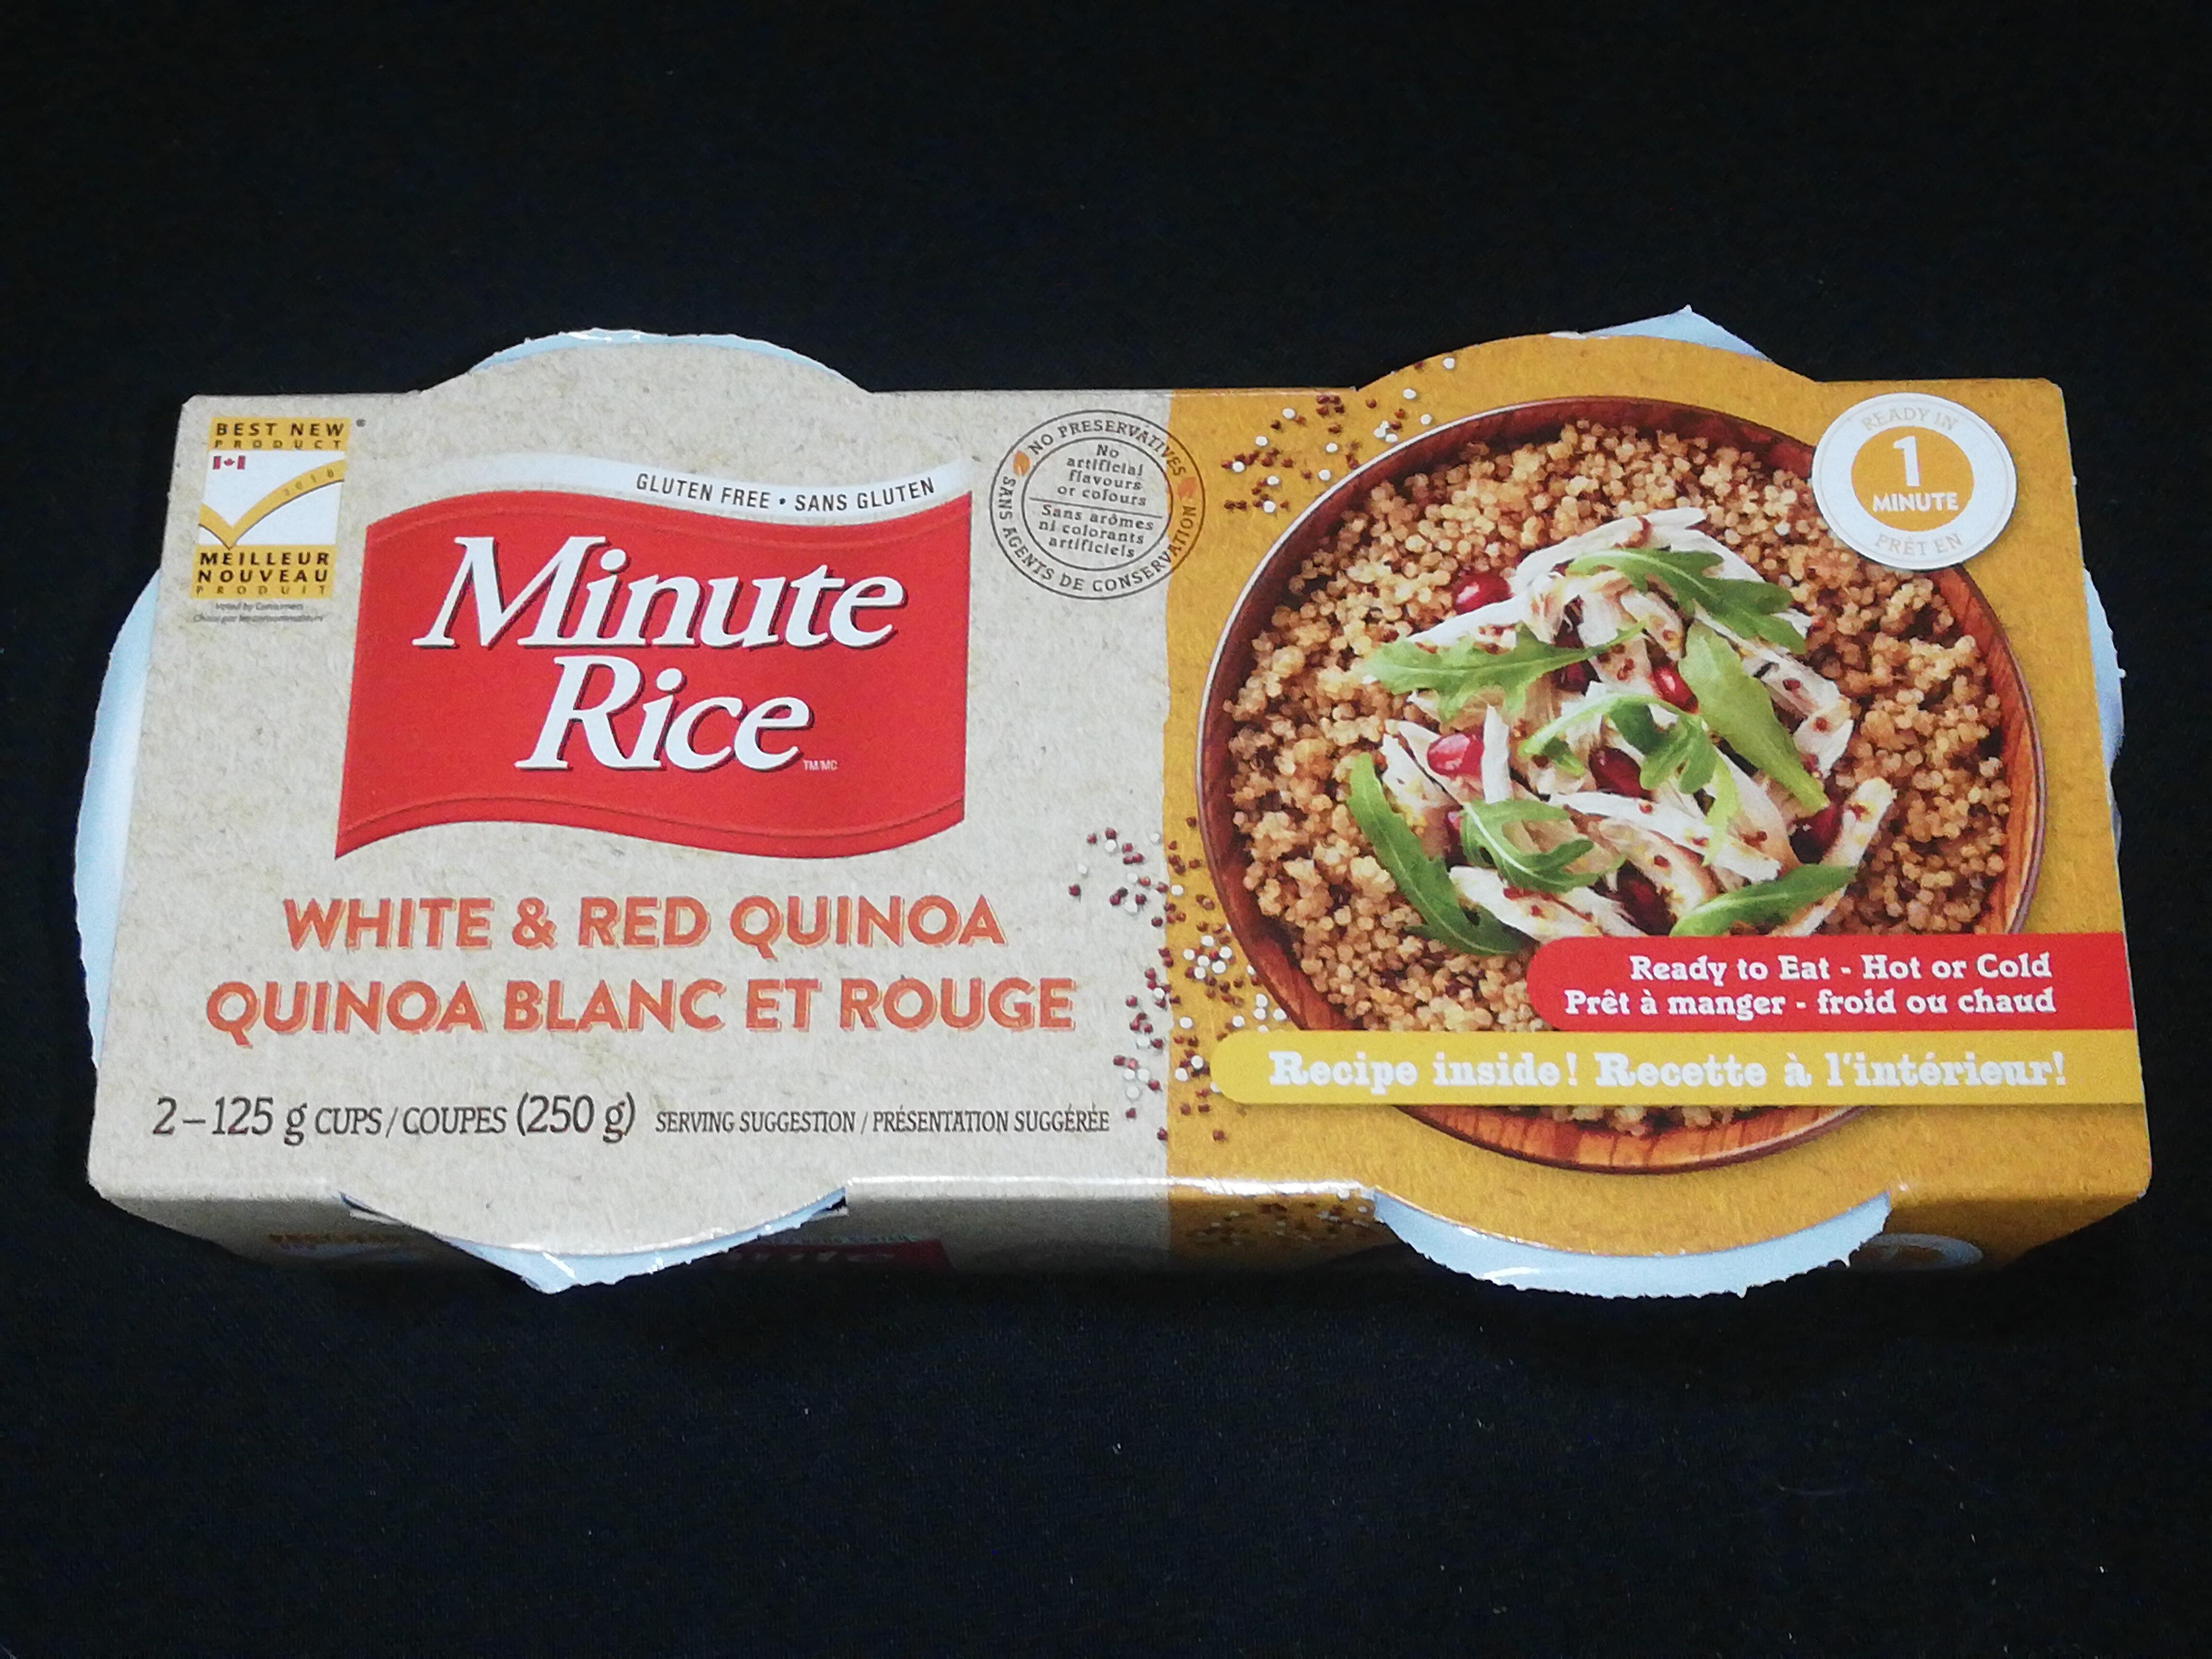 Quinoa blanc et rouge - Produit - en